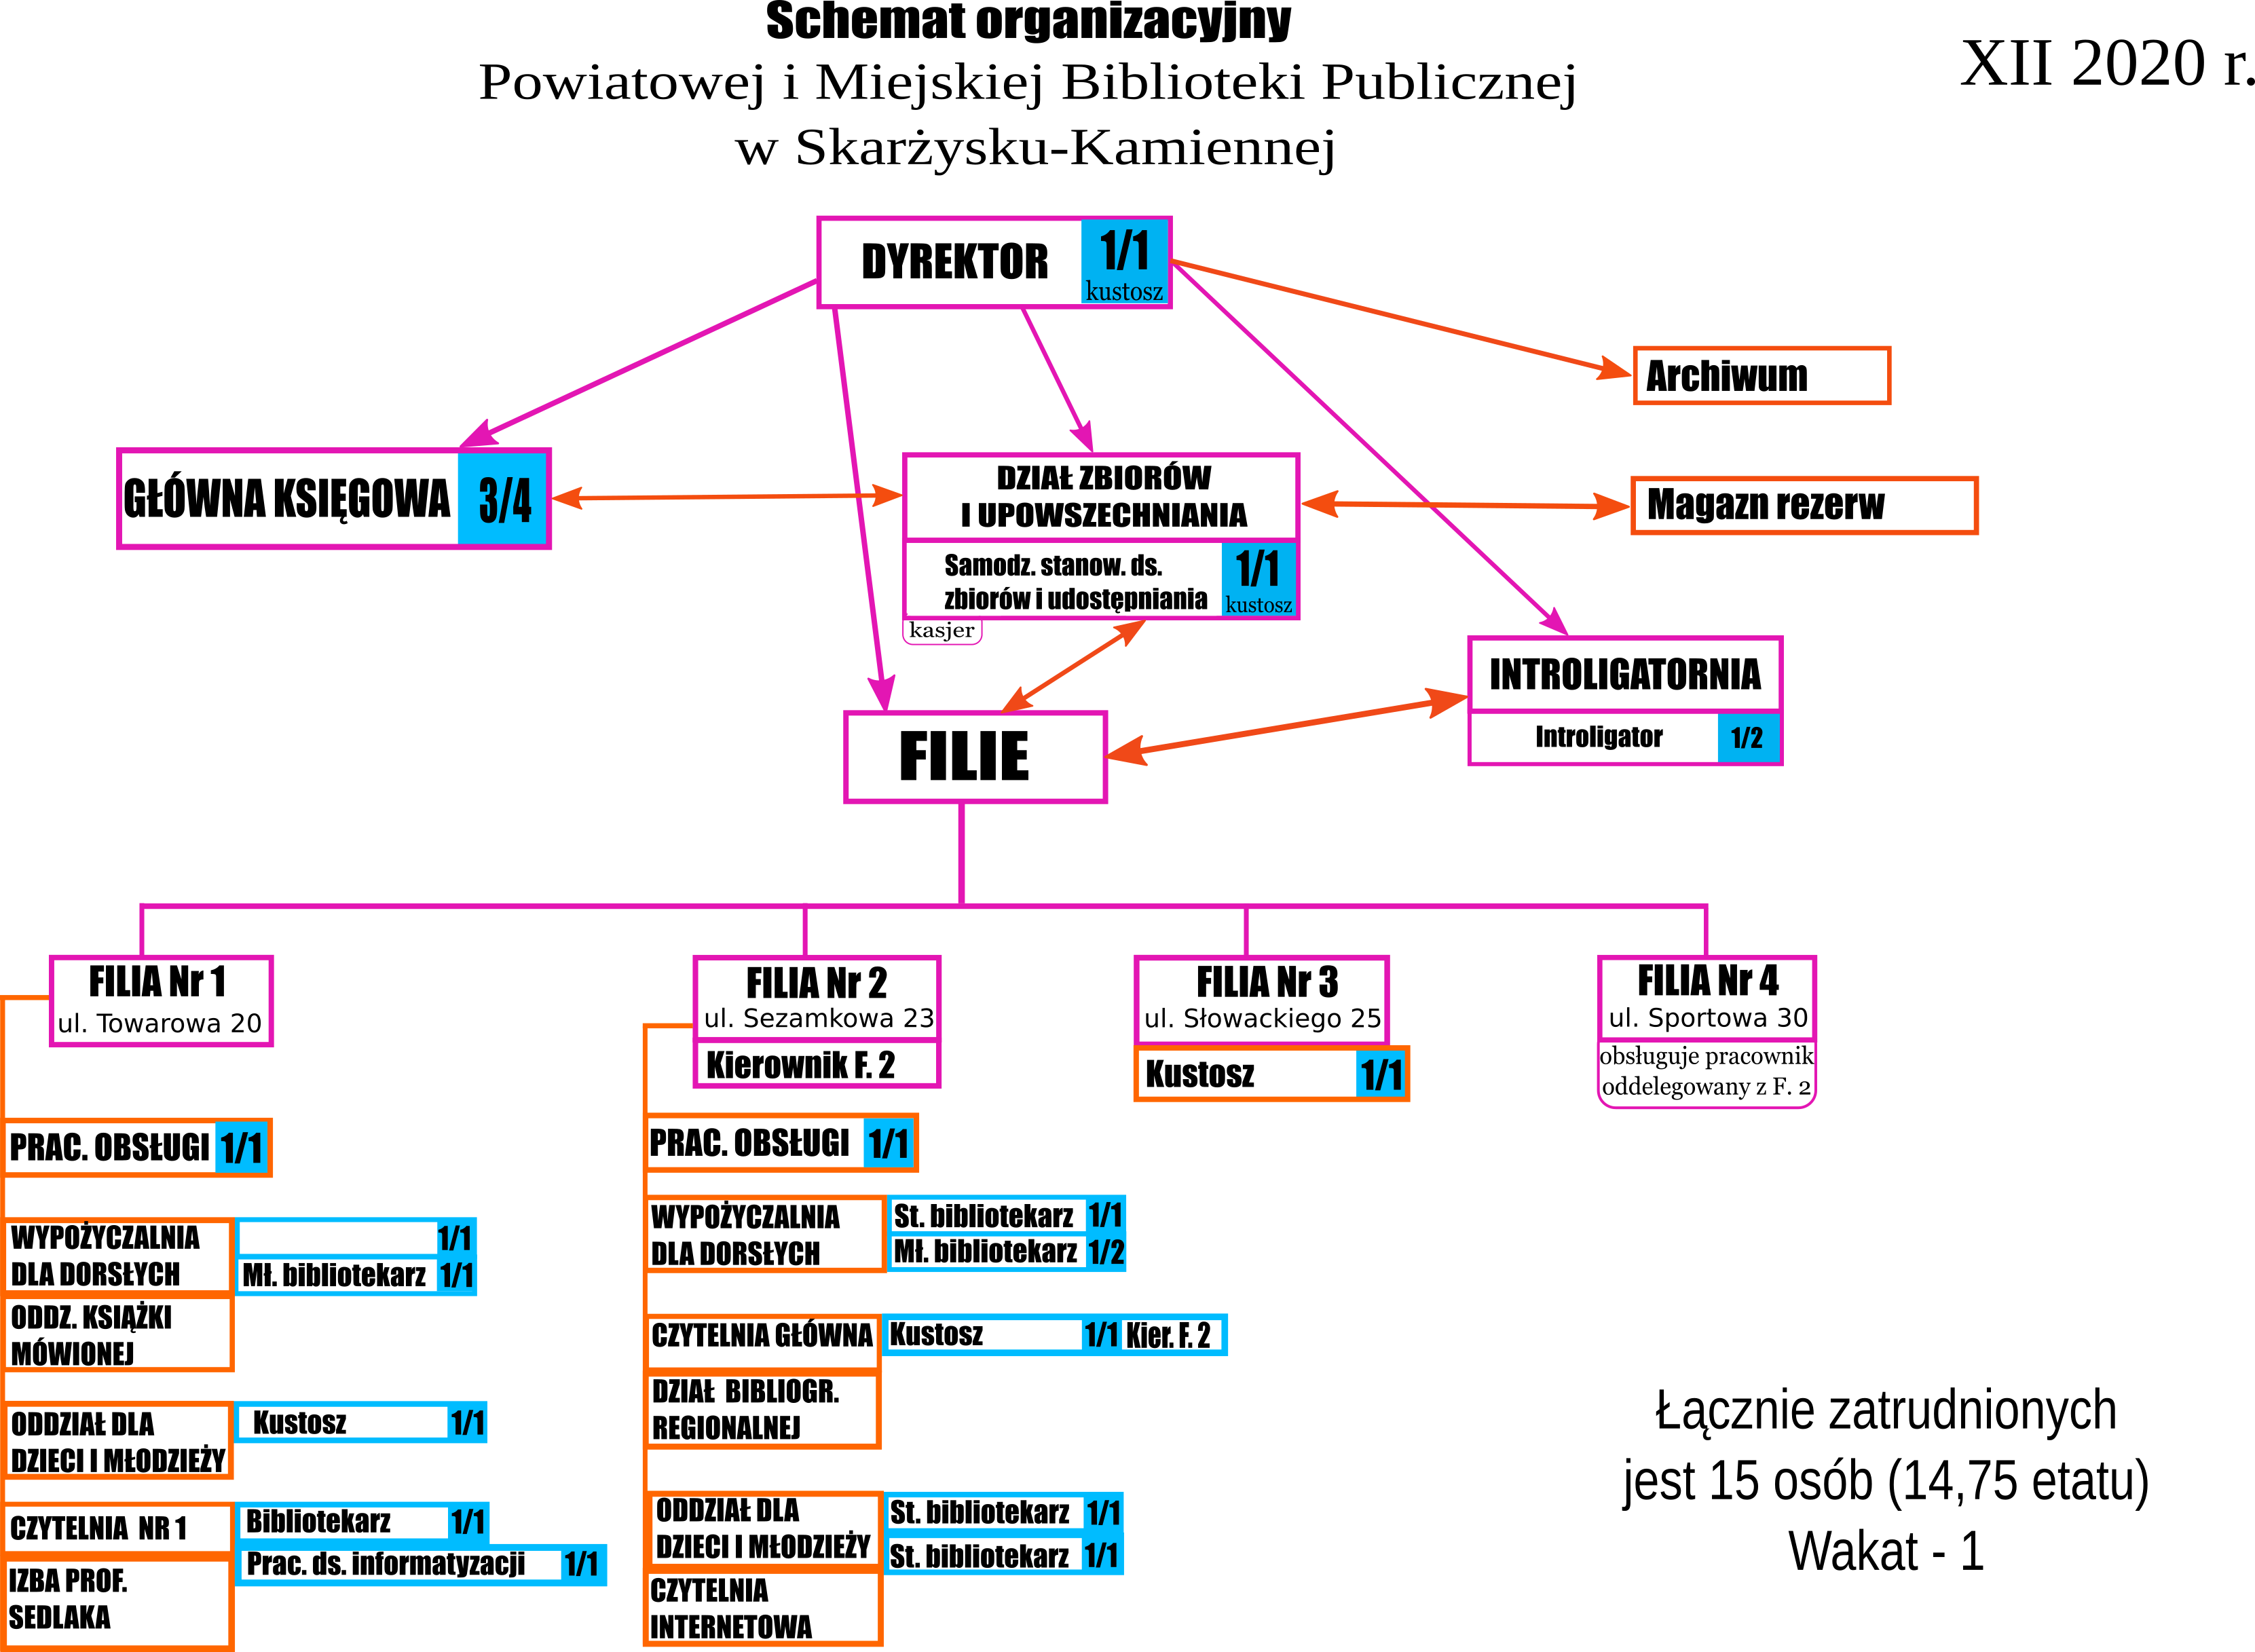 Schemat organizacyjny biblioteki